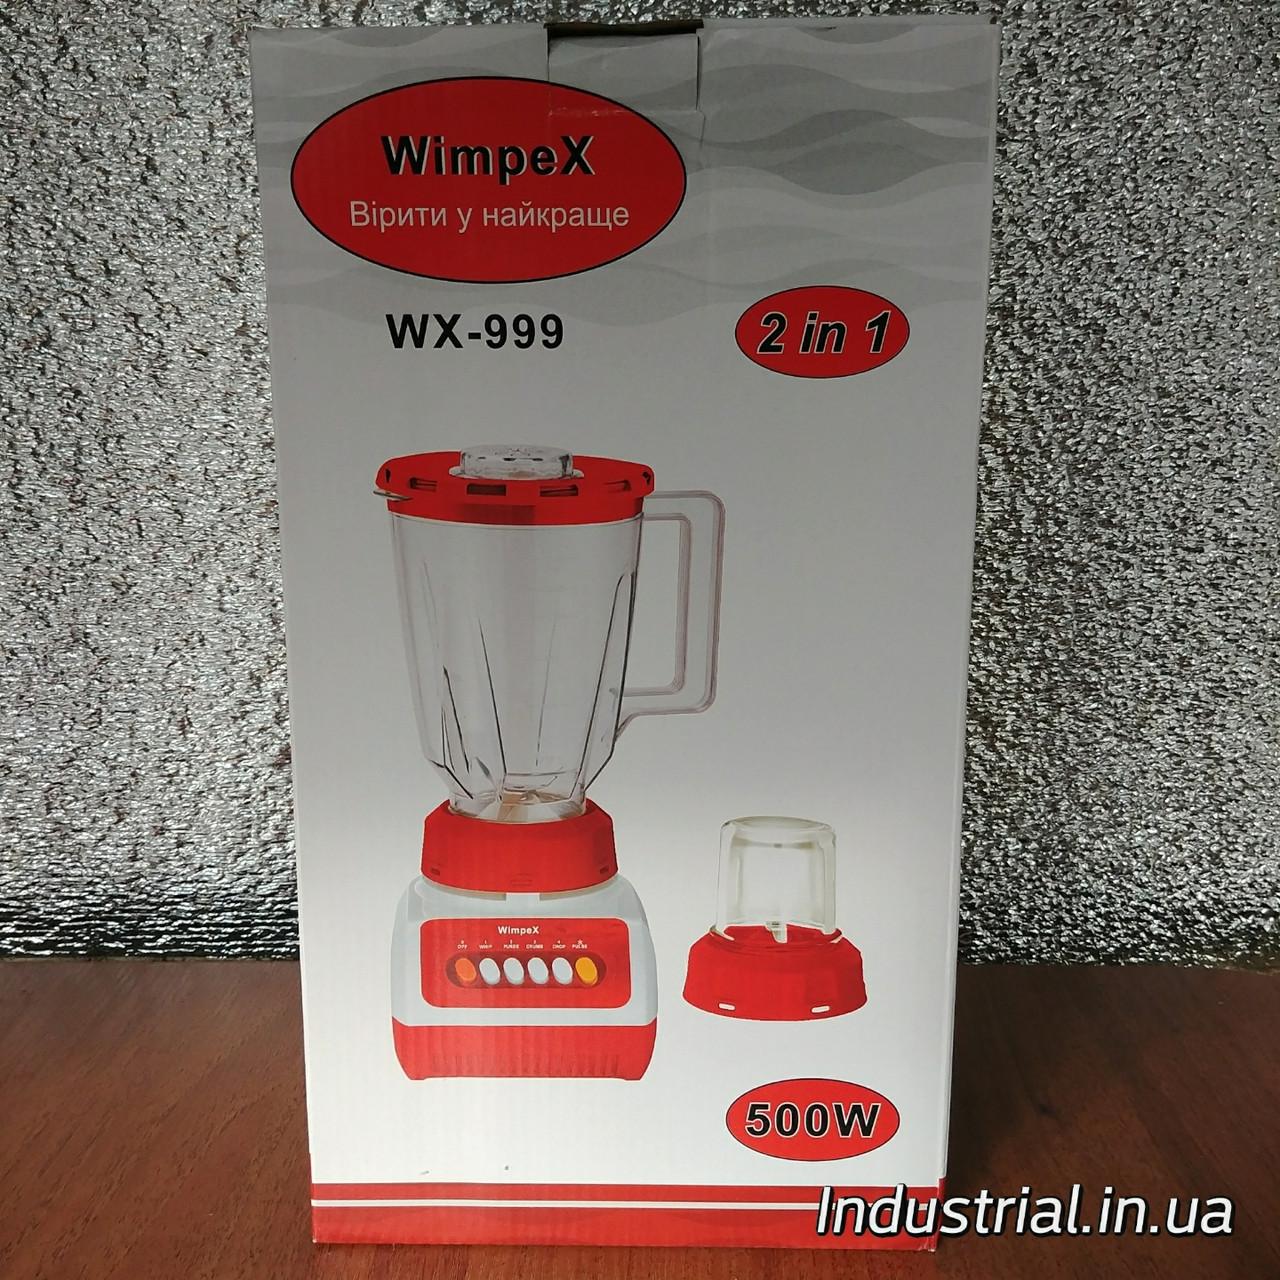 Блендер WimpeX WX 999 2 в 1,с кофемолкой,красний, 500 Вт